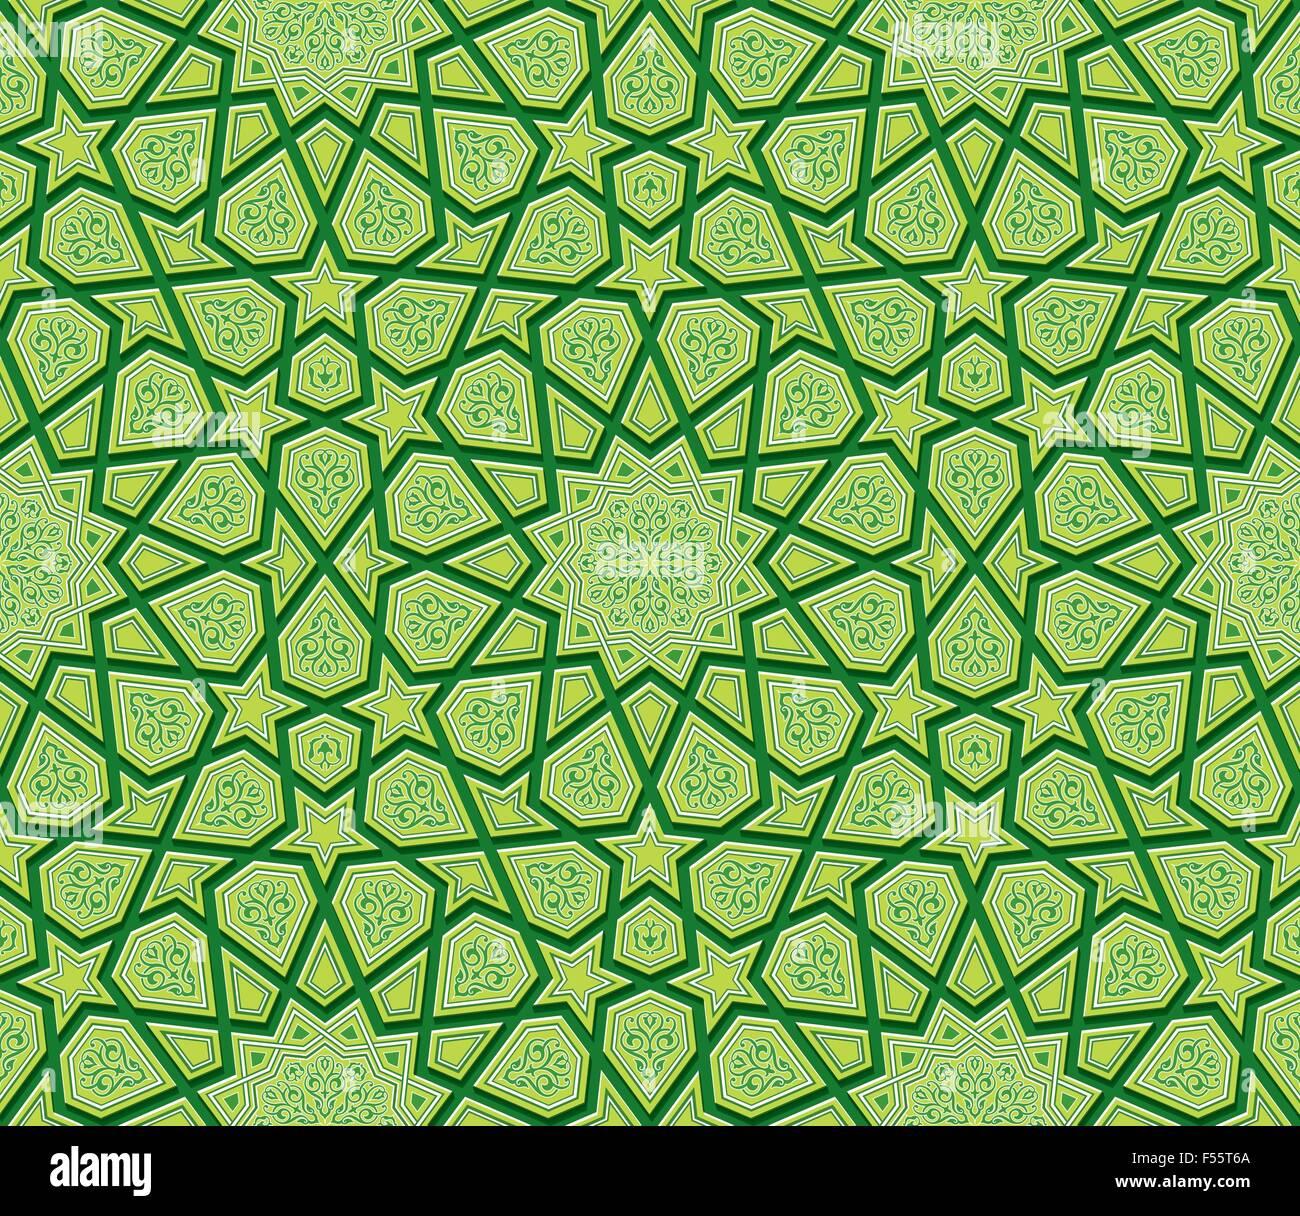 Islamische Stern Ornament Gr 252 Nen Hintergrund Vektor